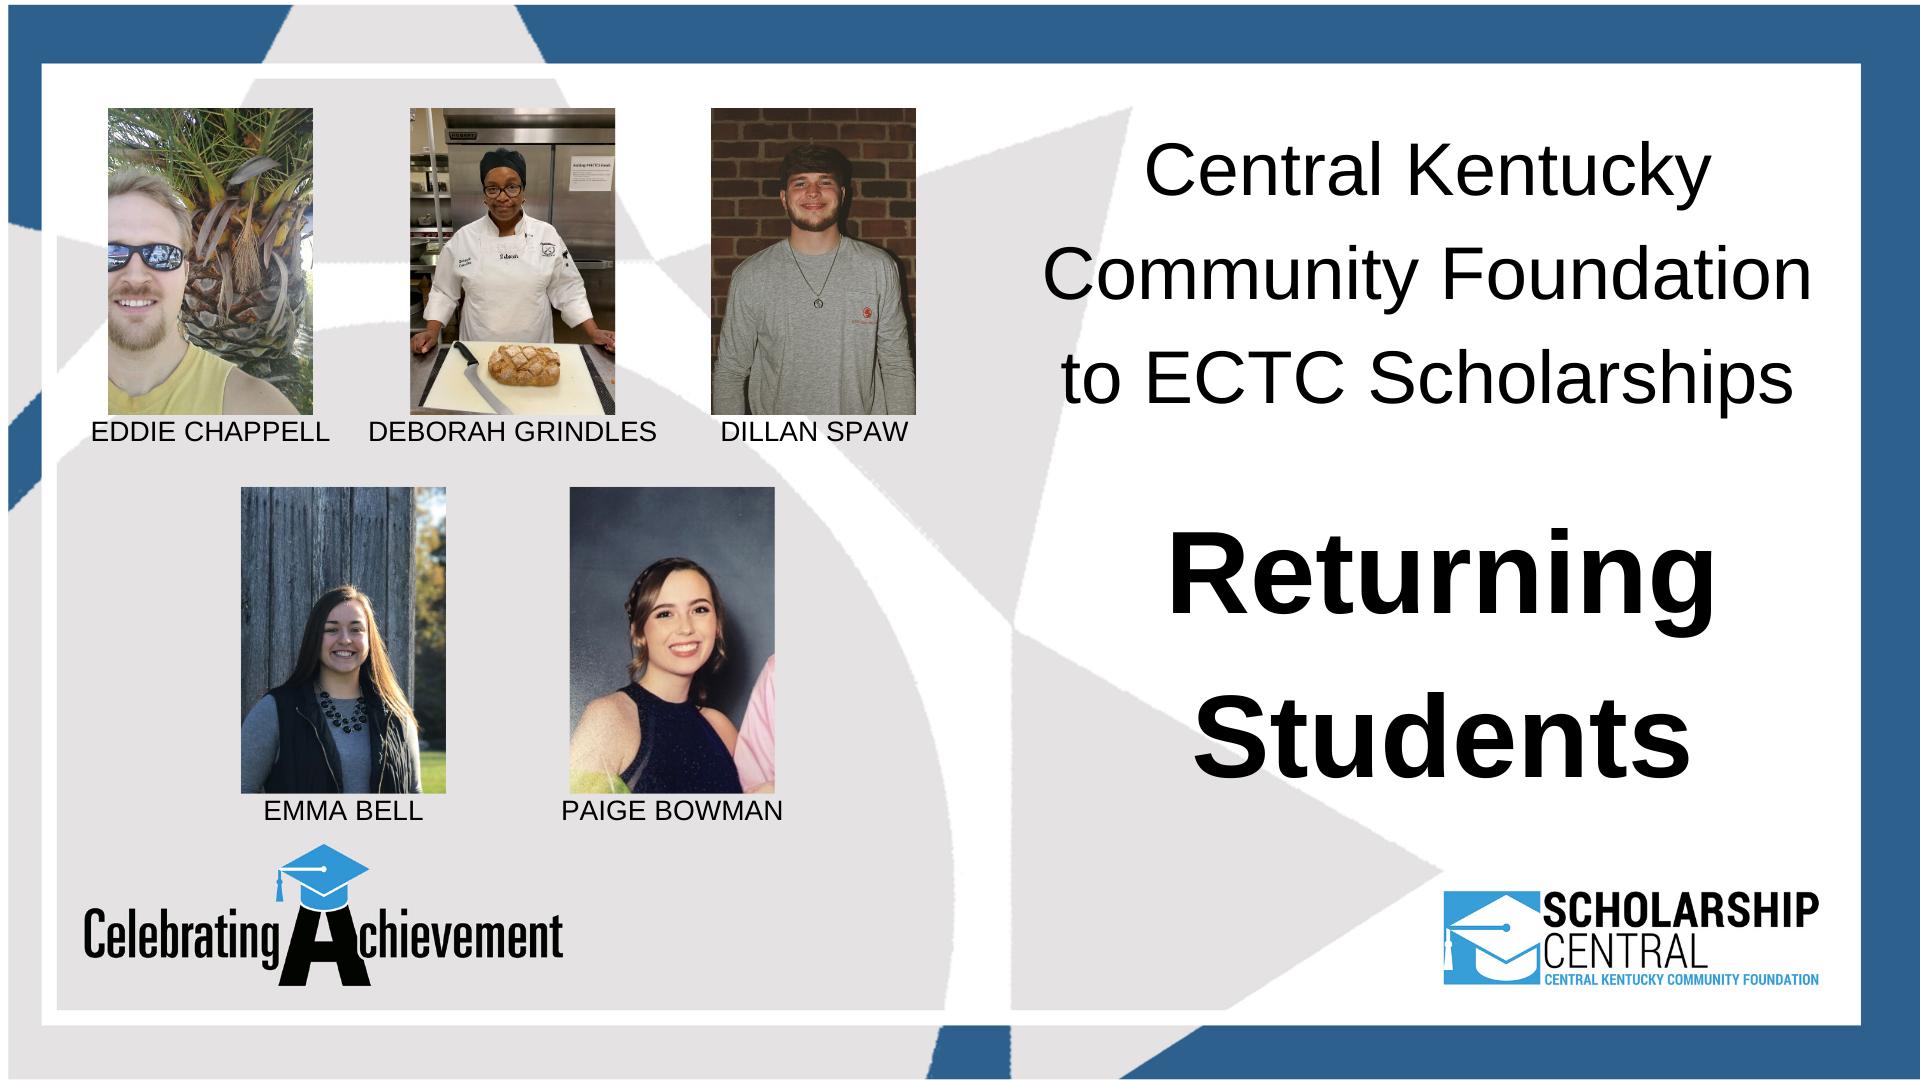 ECTC Returning Scholarship2